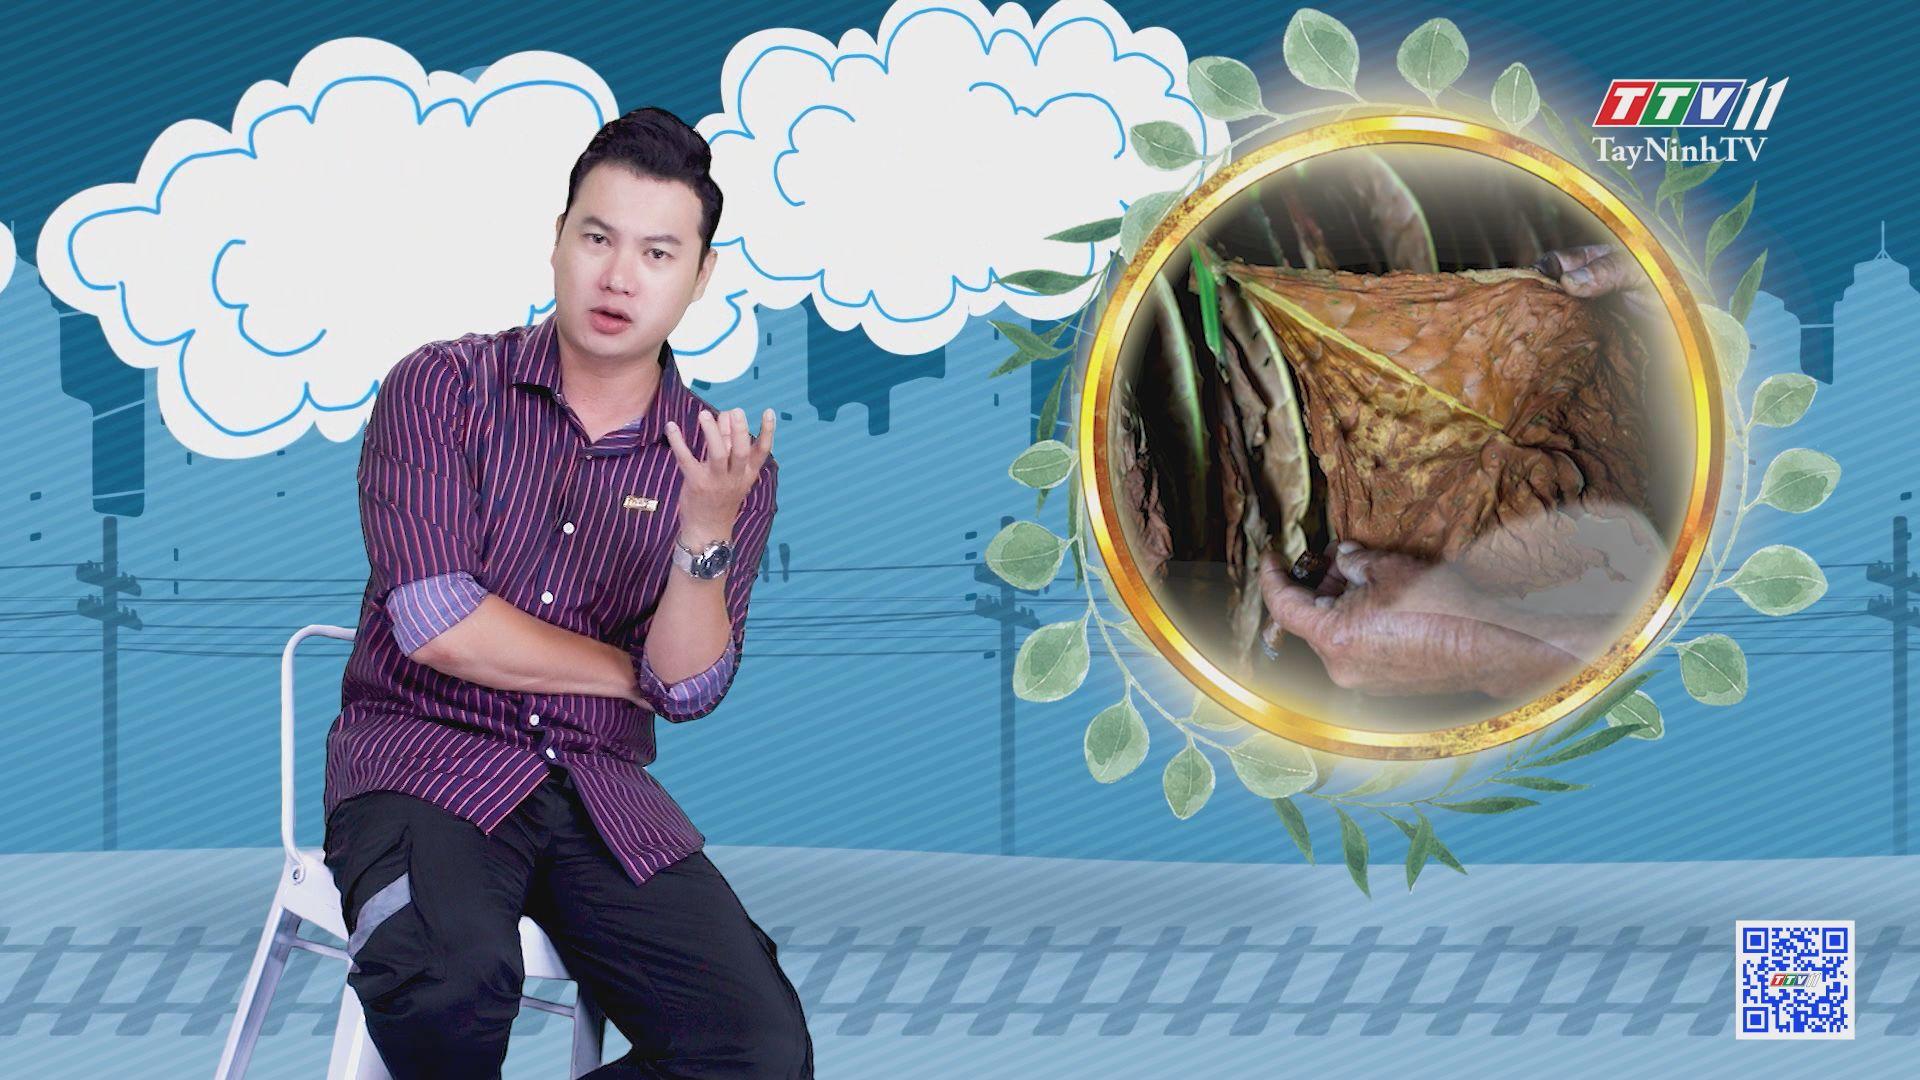 Sáng tác nghệ thuật bằng lá thuốc xì-gà   CHUYỆN ĐÔNG TÂY KỲ THÚ   TayNinhTV